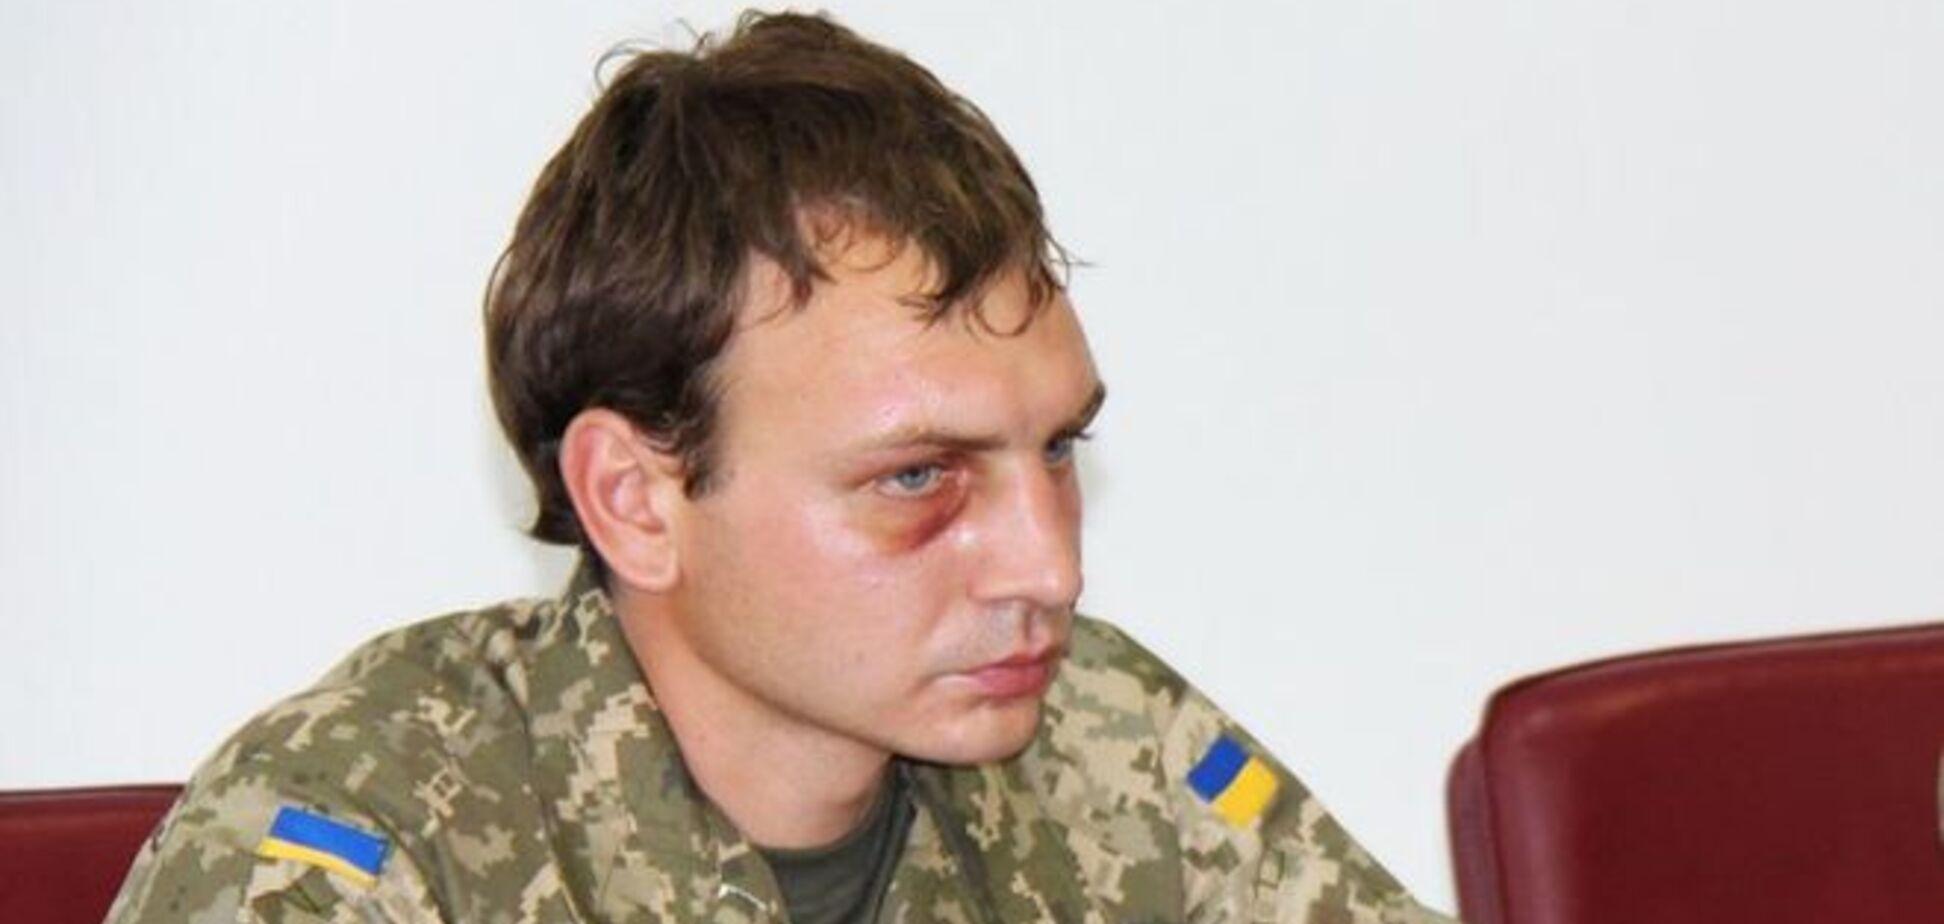 Три дня пыток за вранье о Марьинке: освобожденный боец рассказал о лже-пресс-конференции террористов